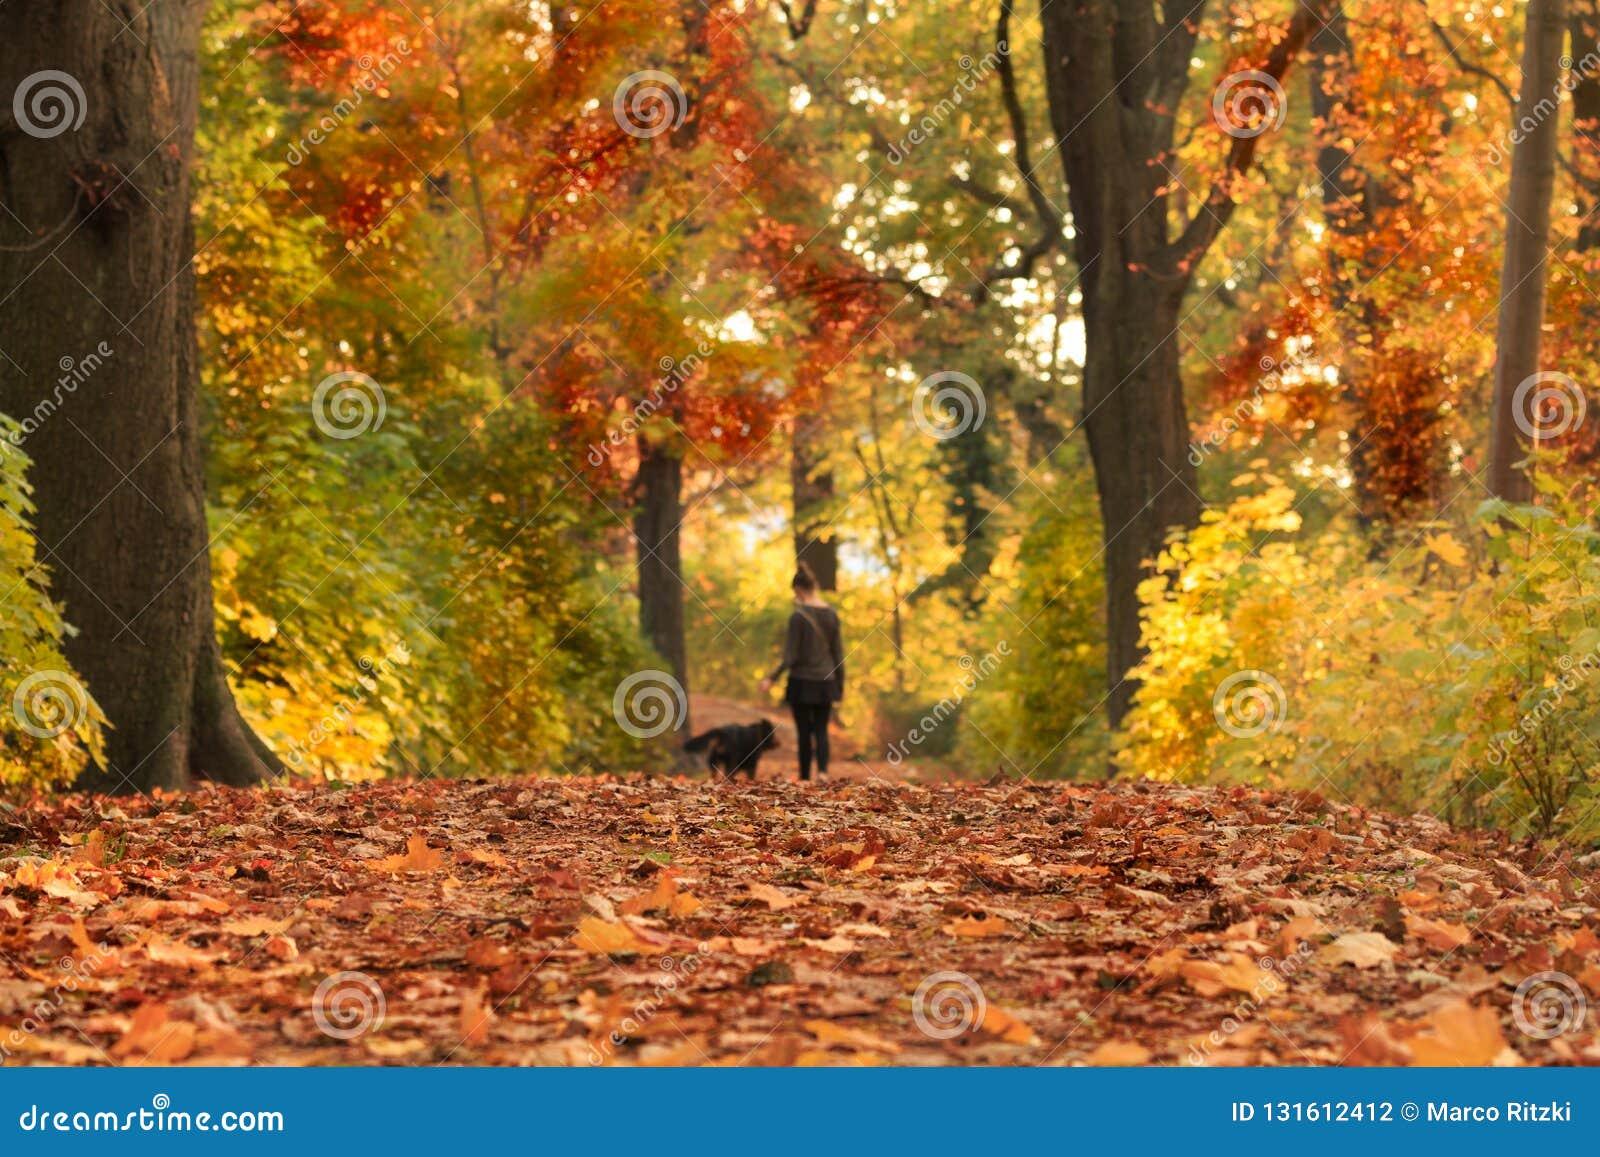 Chemin d automne avec les feuilles colorées